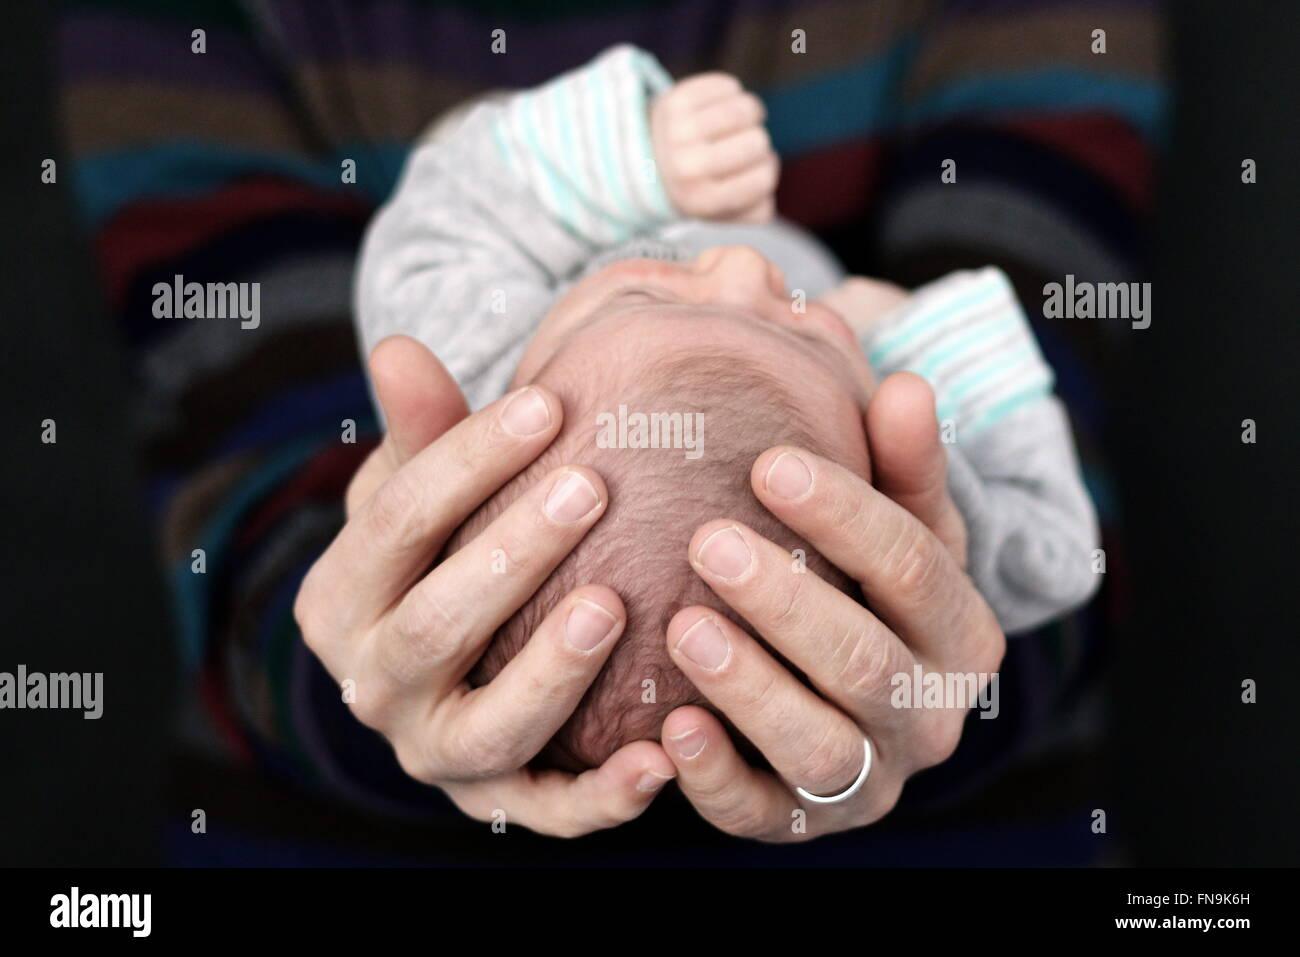 Père holding newborn baby boy Banque D'Images